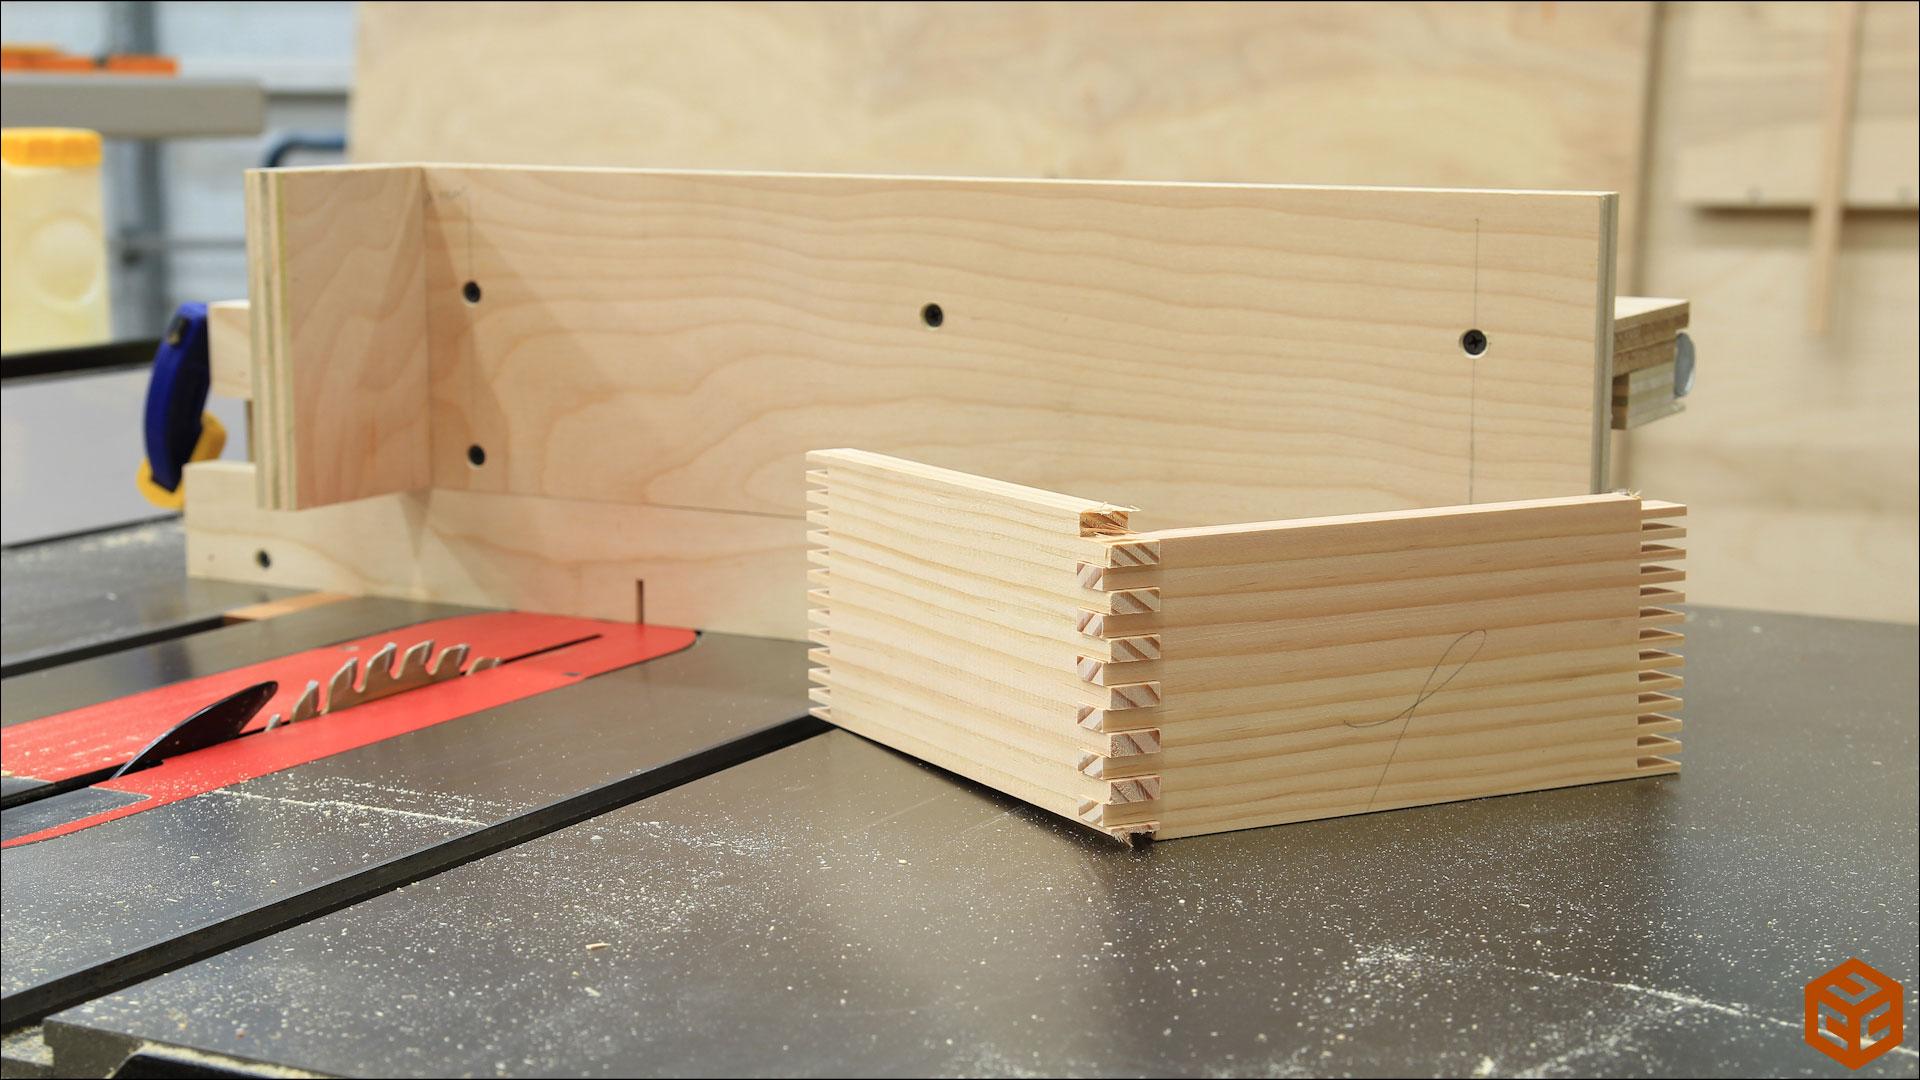 Table Saw Box Joint Jig Jays Custom Creations